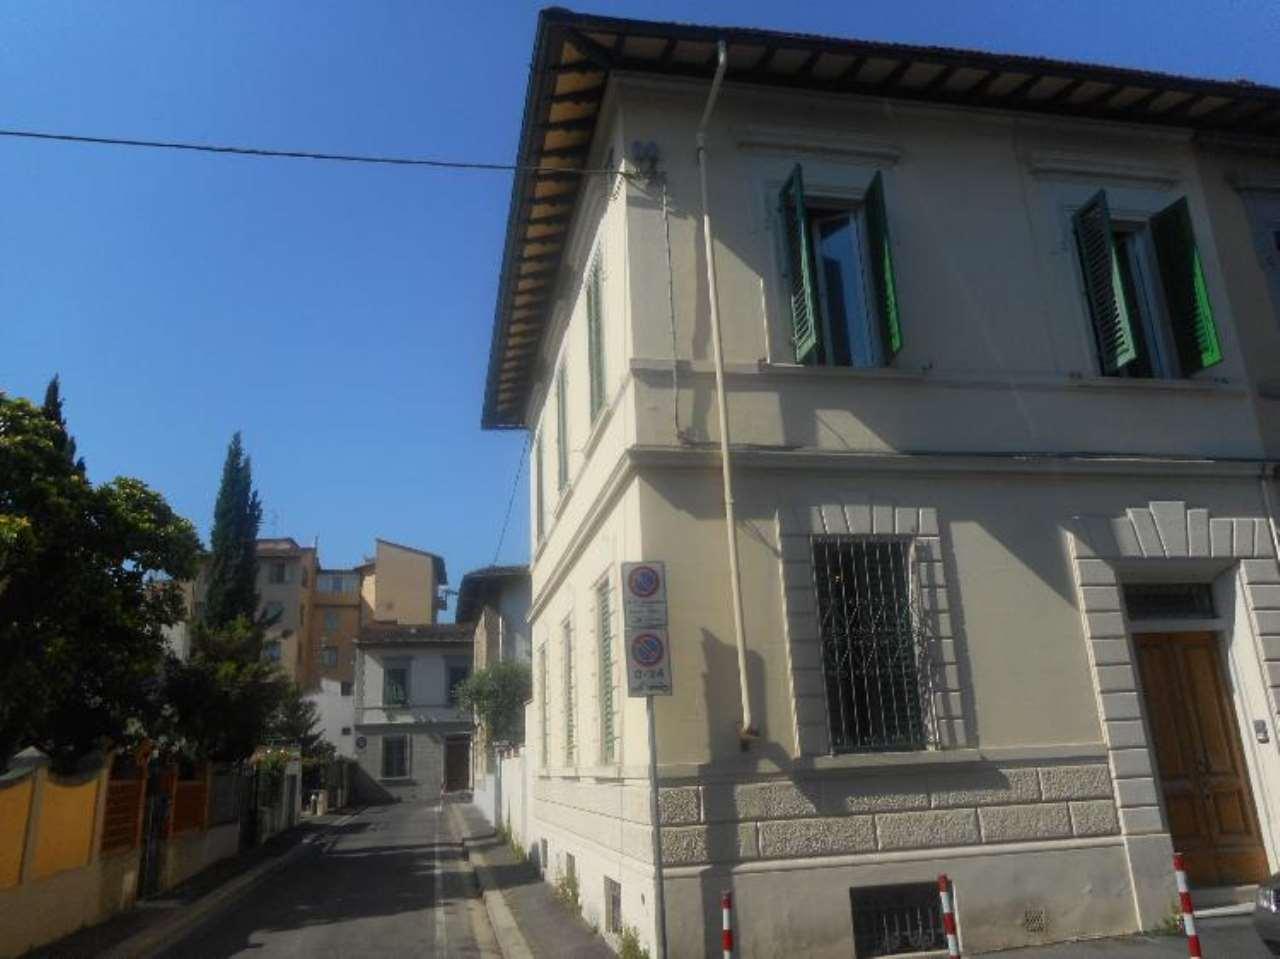 Palazzo / Stabile in vendita a Firenze, 9 locali, zona Zona: 18 . Settignano, Coverciano, Trattative riservate | CambioCasa.it